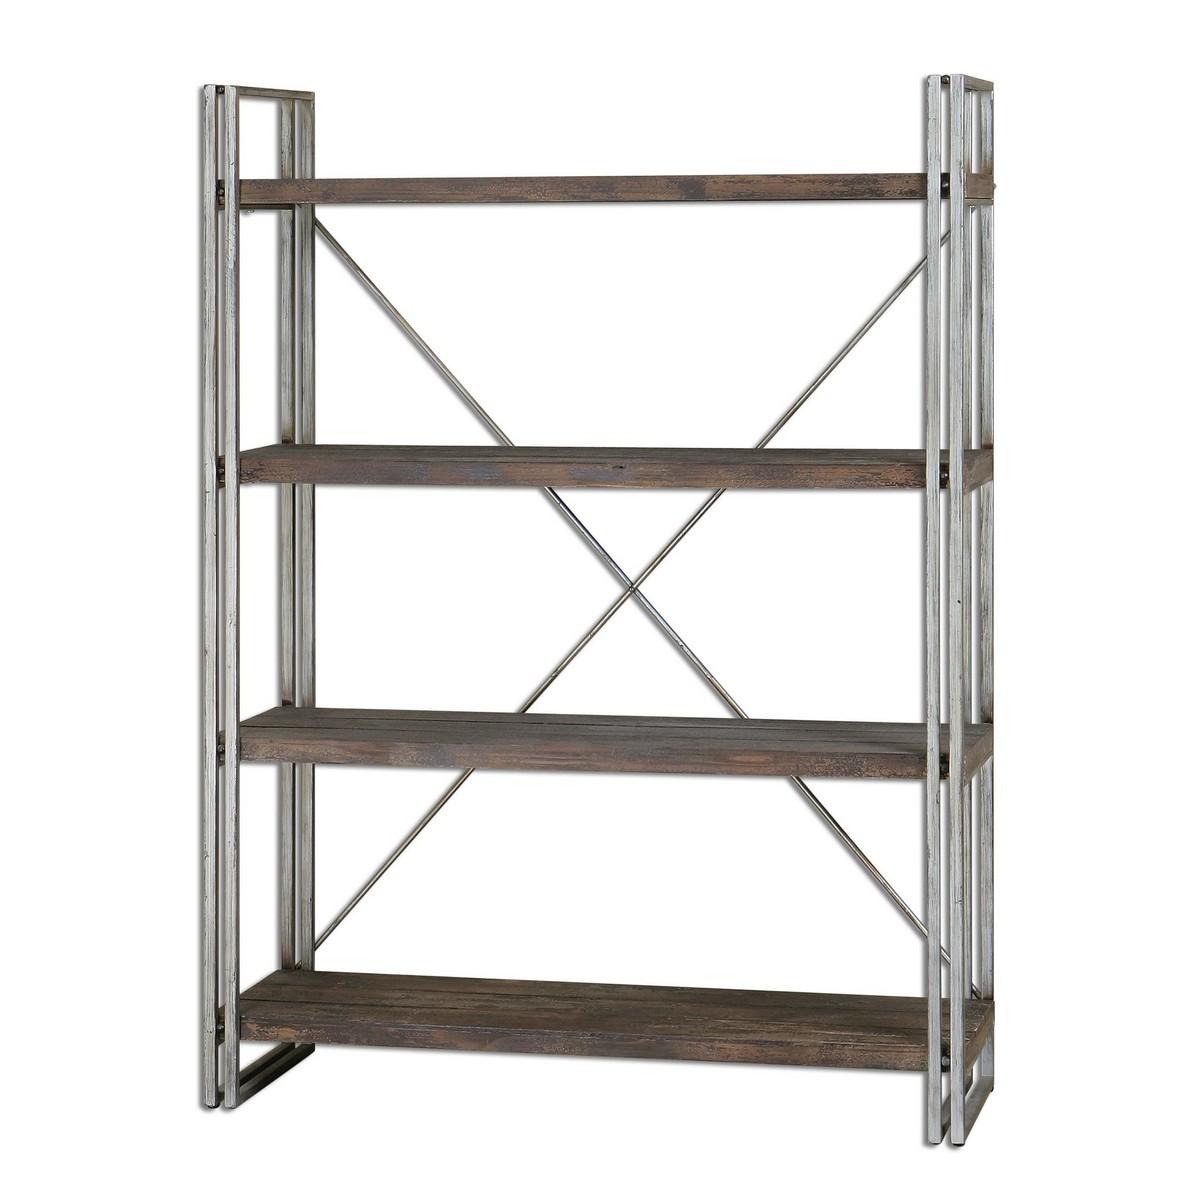 uttermost greeley metal etagere uttermost 24396 at. Black Bedroom Furniture Sets. Home Design Ideas